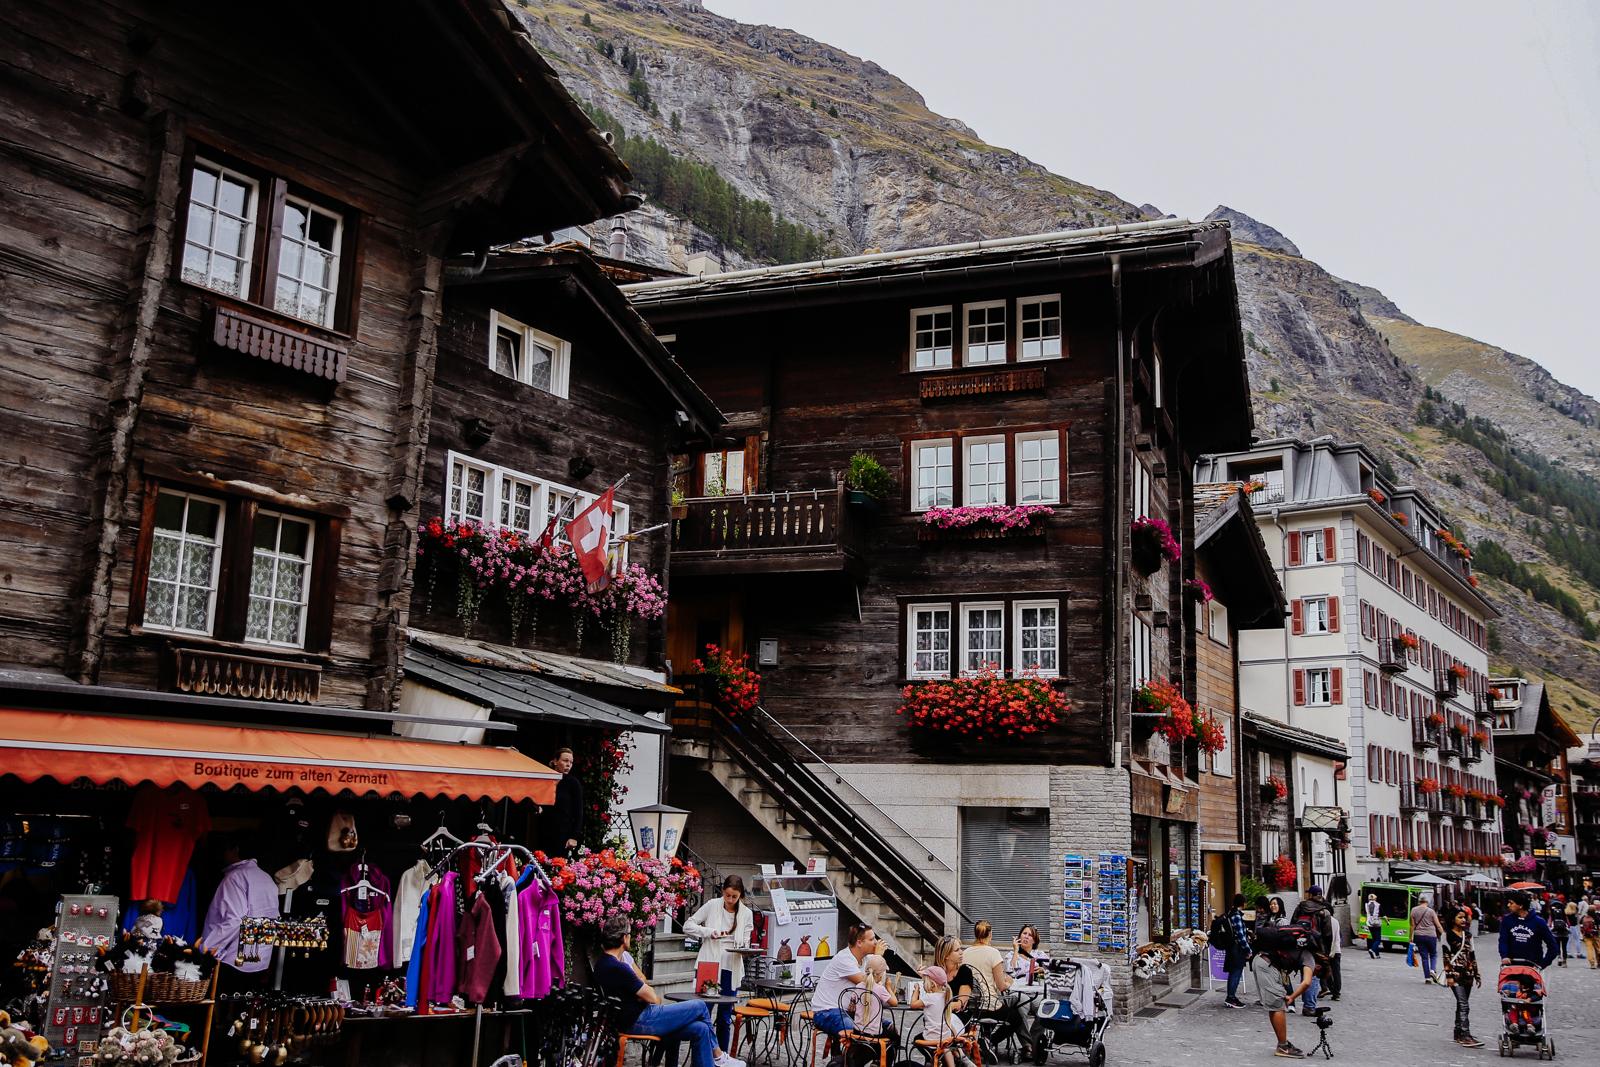 zermatt-3292